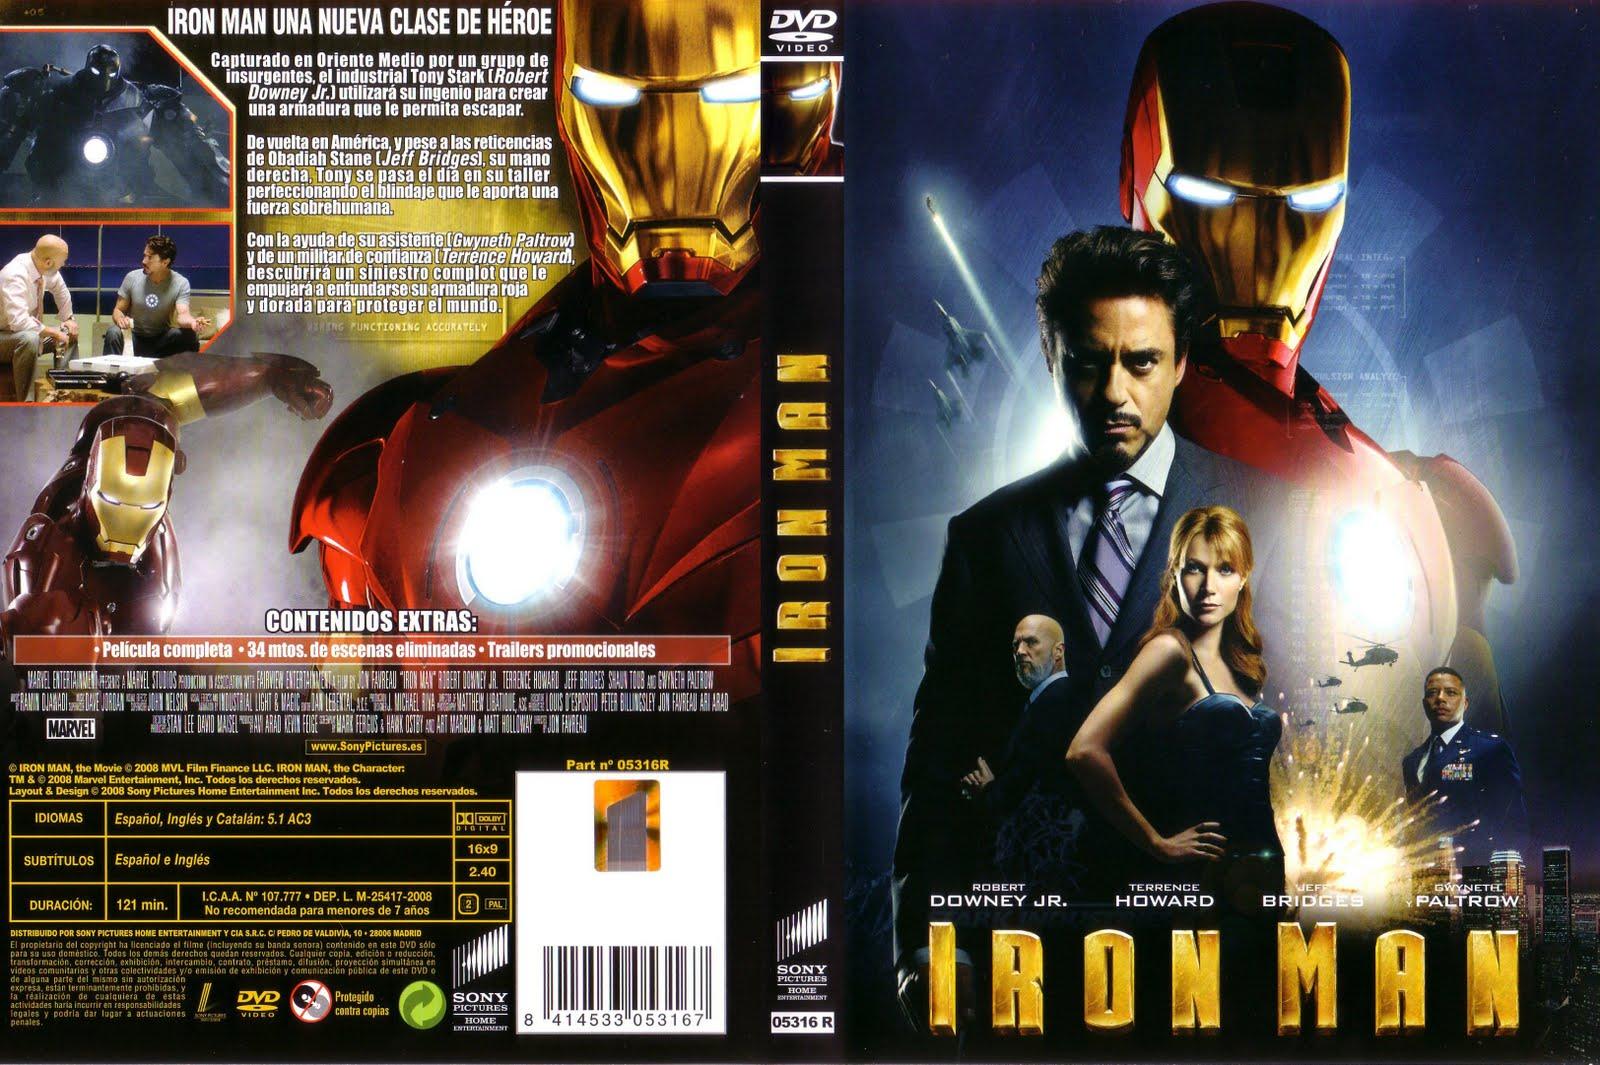 Descargar Iron Man 4 A2zp30: Iron-man Dvdfull + Extras Latino